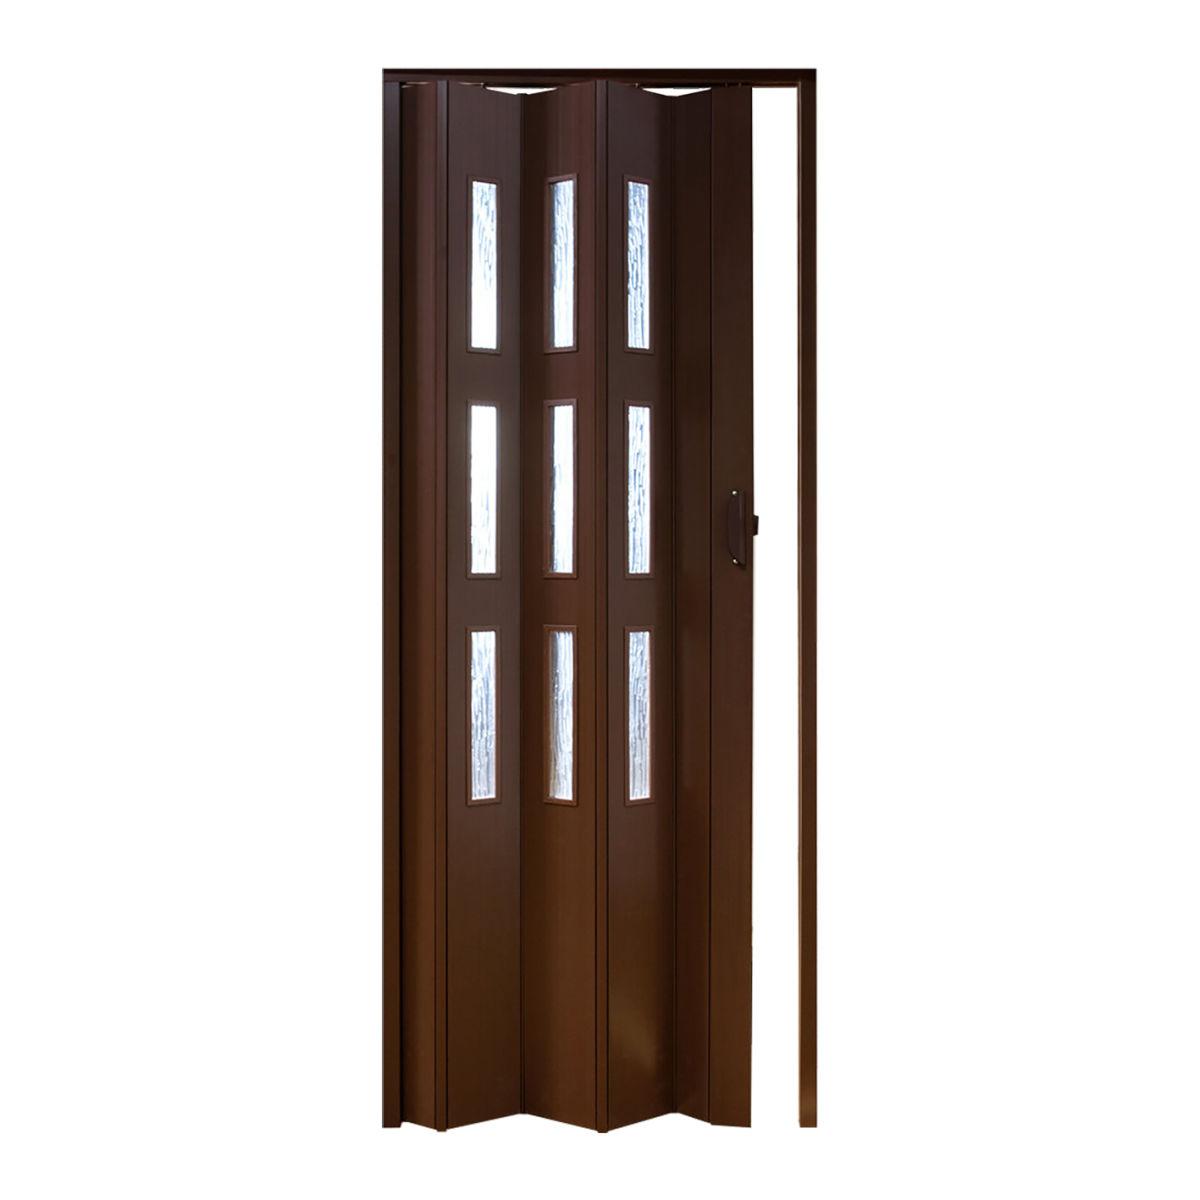 Emejing porte a soffietto in legno pictures - Porta a soffietto ikea ...